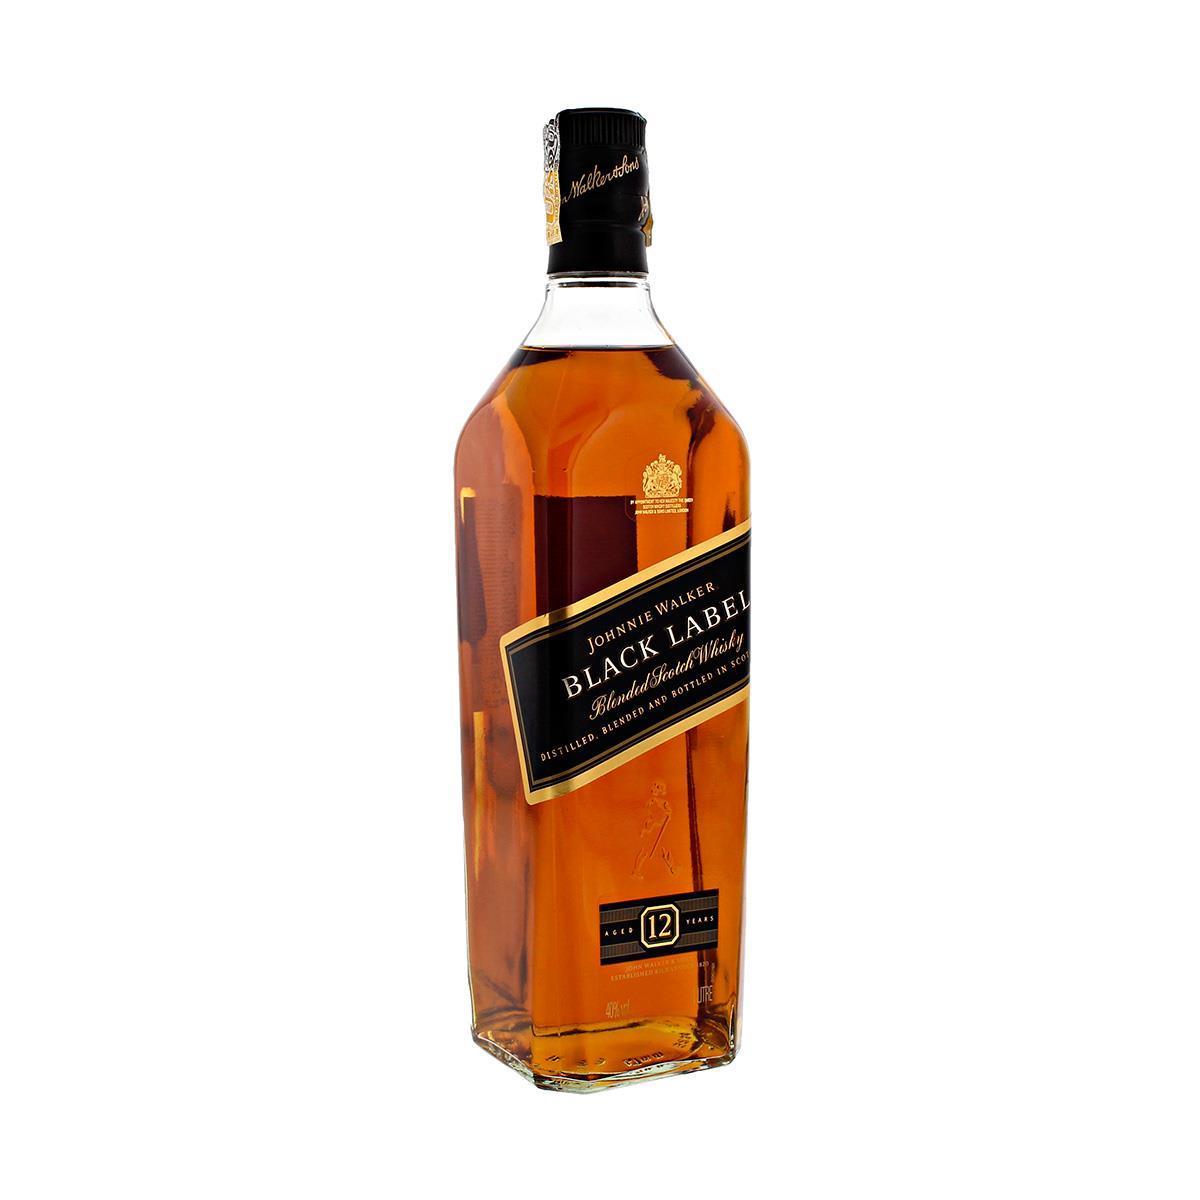 1142 whisky-johnnie-walker-black-label-12-anos-1000ml z3 636038562819646000.jpg 8c7d40bbd7